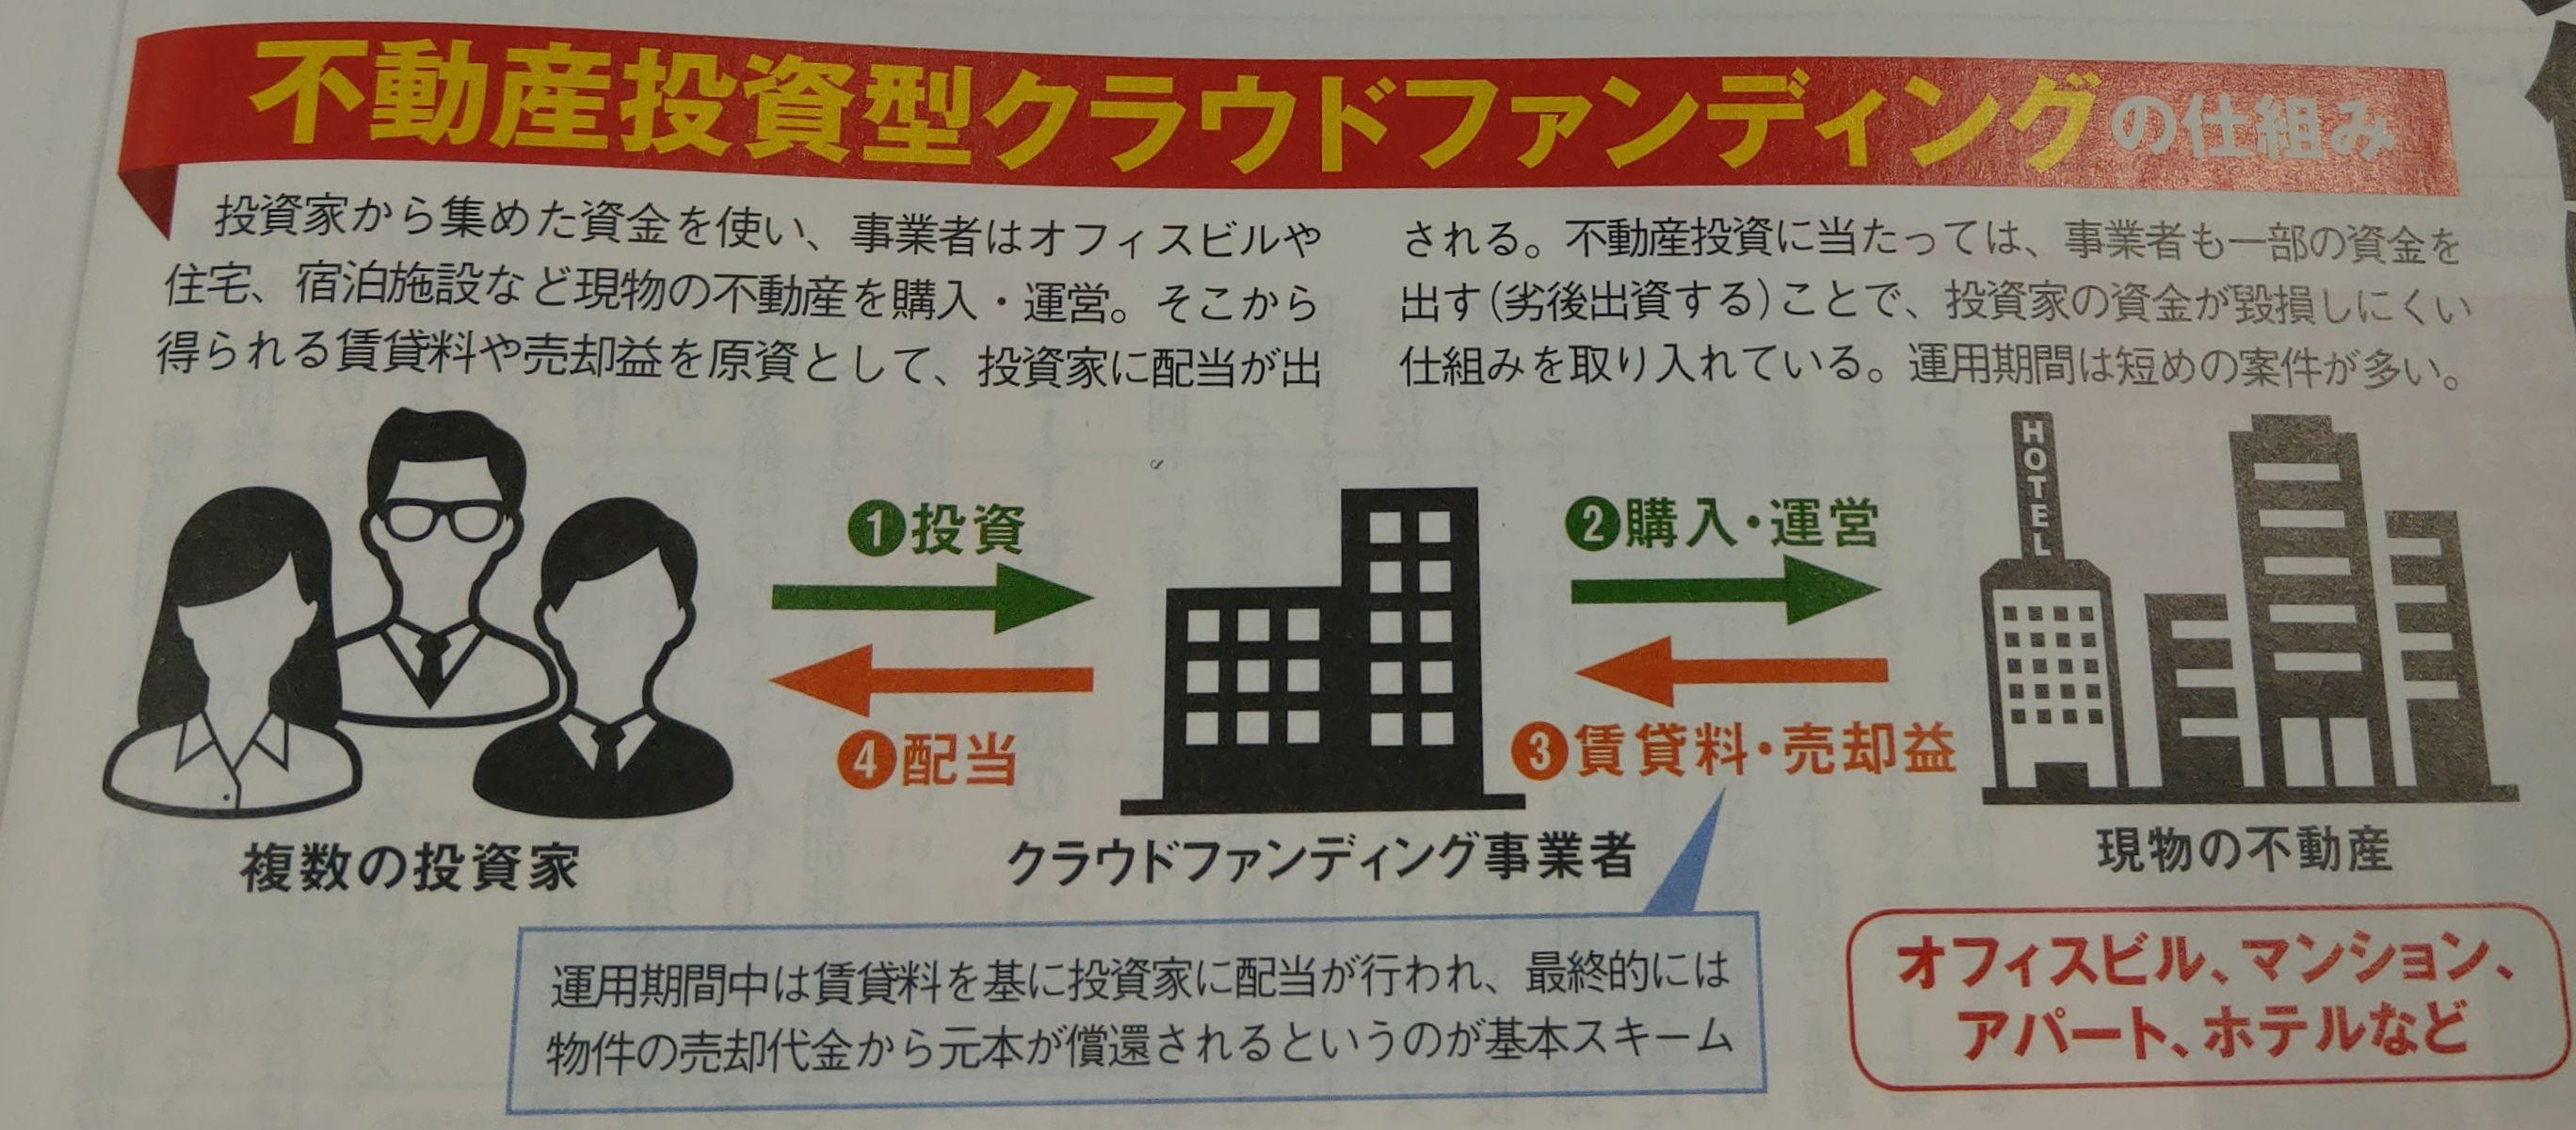 日経トレンディ2019年10月号_不特法不特法不動産投資型クラウドファンディングの仕組みの紹介